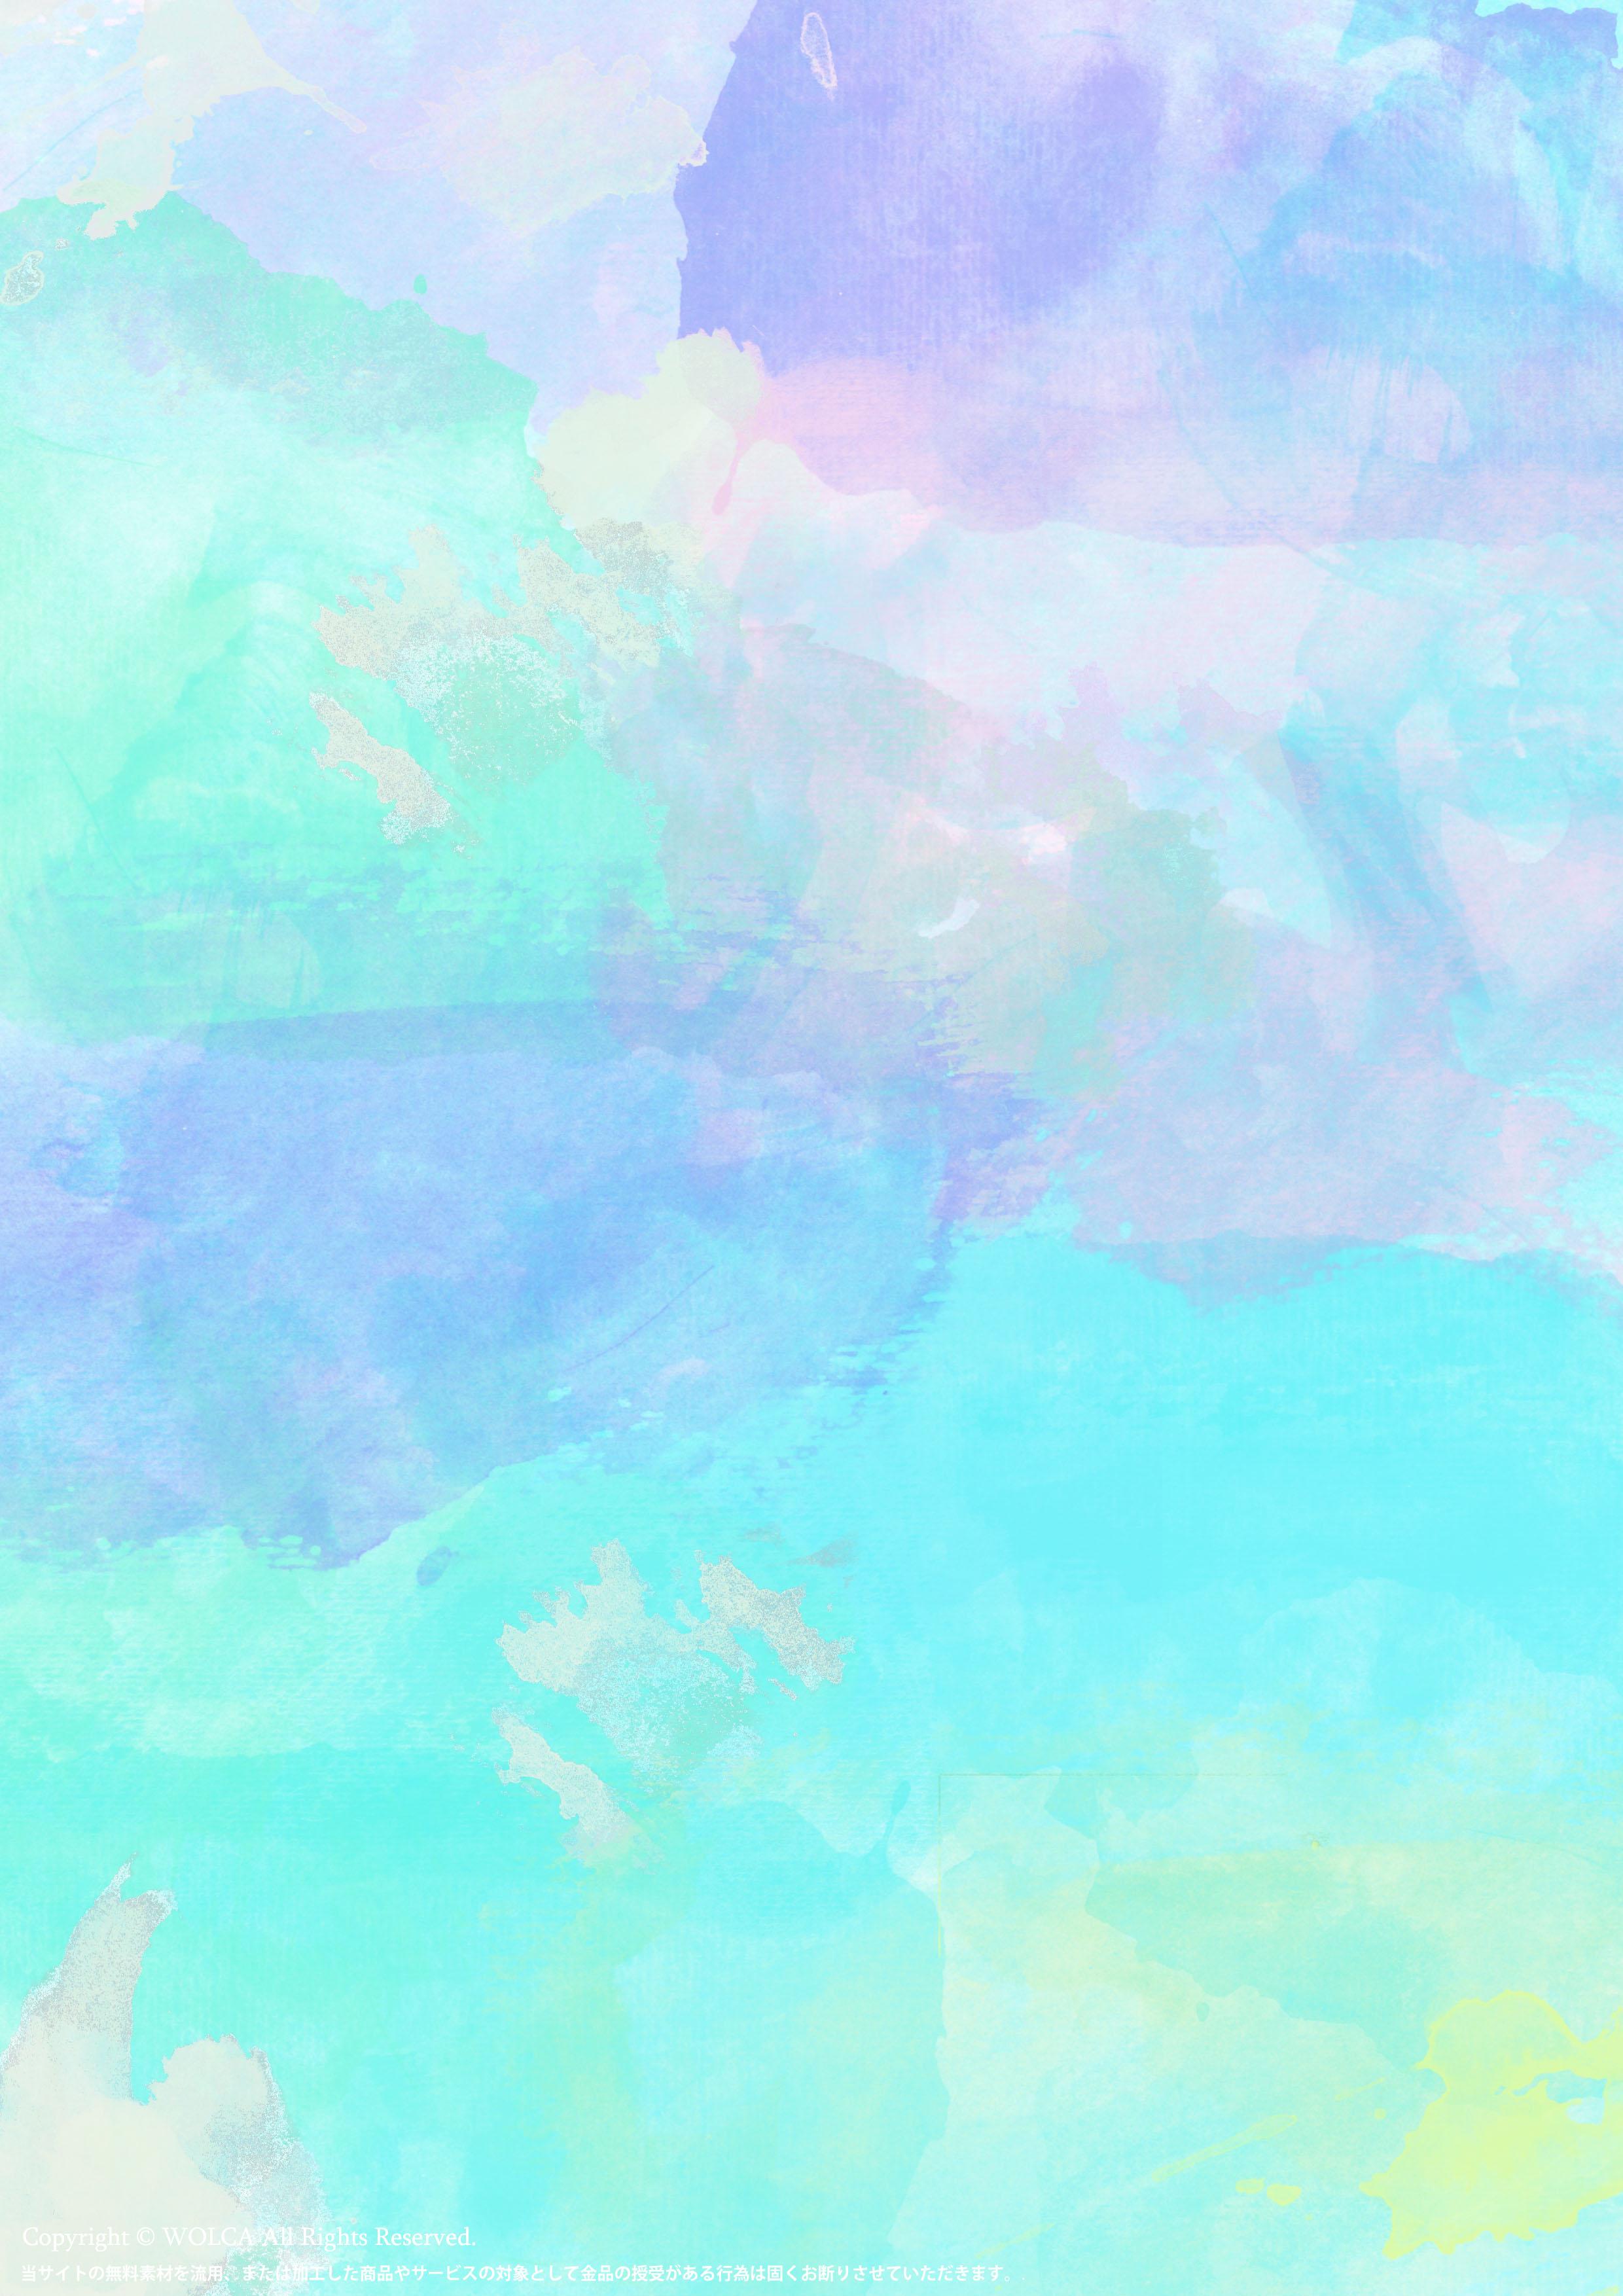 水彩模様の無料WEB素材 ウォーターブルー | WOLCA無料素材